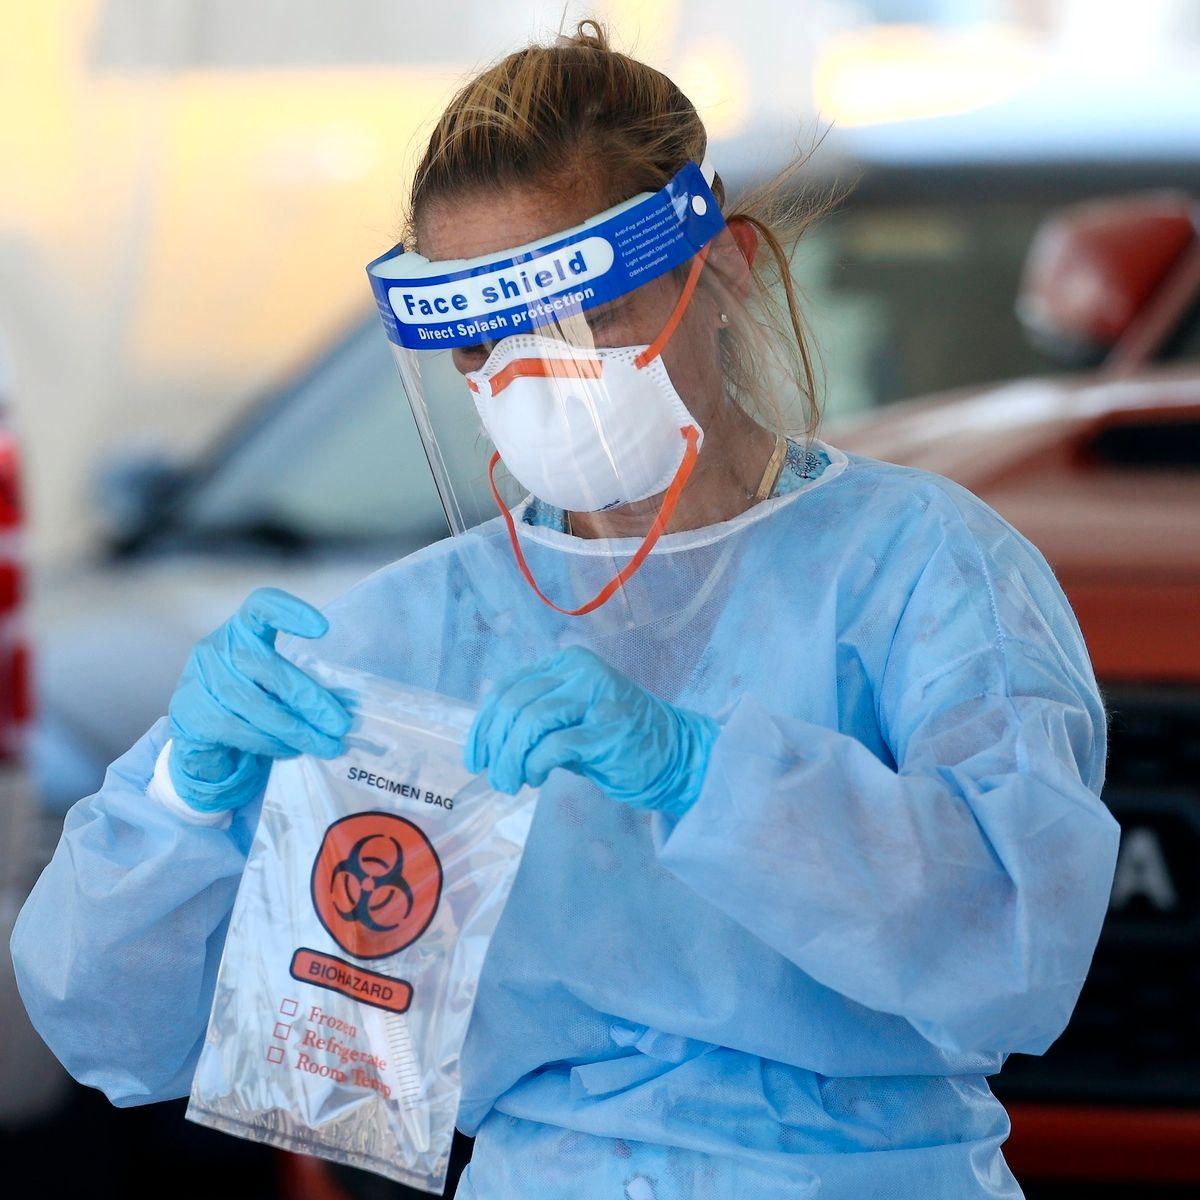 Coronakrise: USA melden 65.000 Neuinfektionen an einem Tag